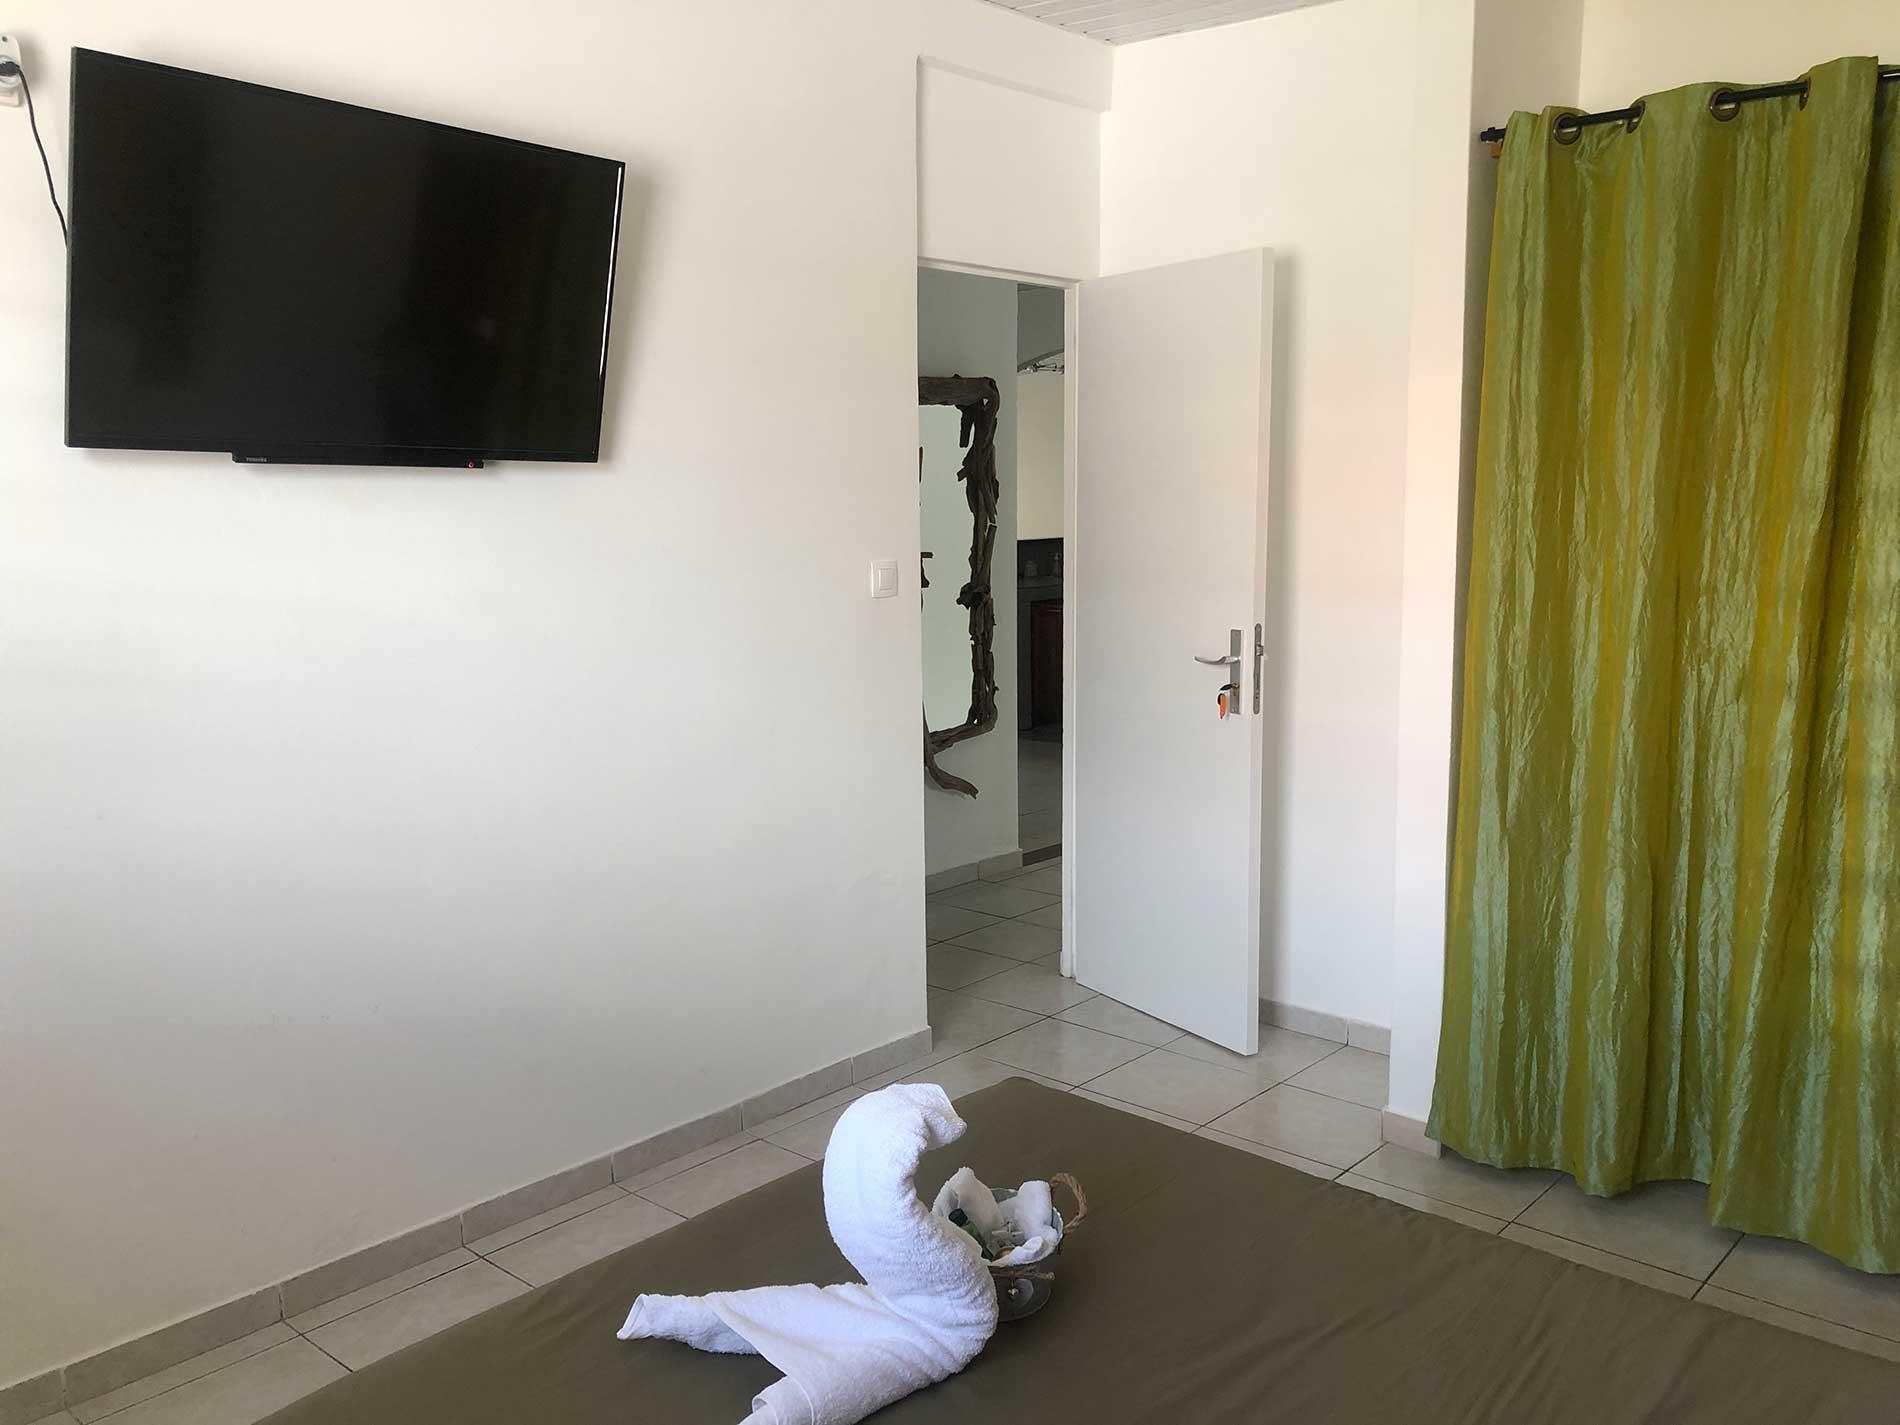 Vue depuis le lit sur la télévision (TV) connectée, la penderie et la porte d'entrée de la chambre.